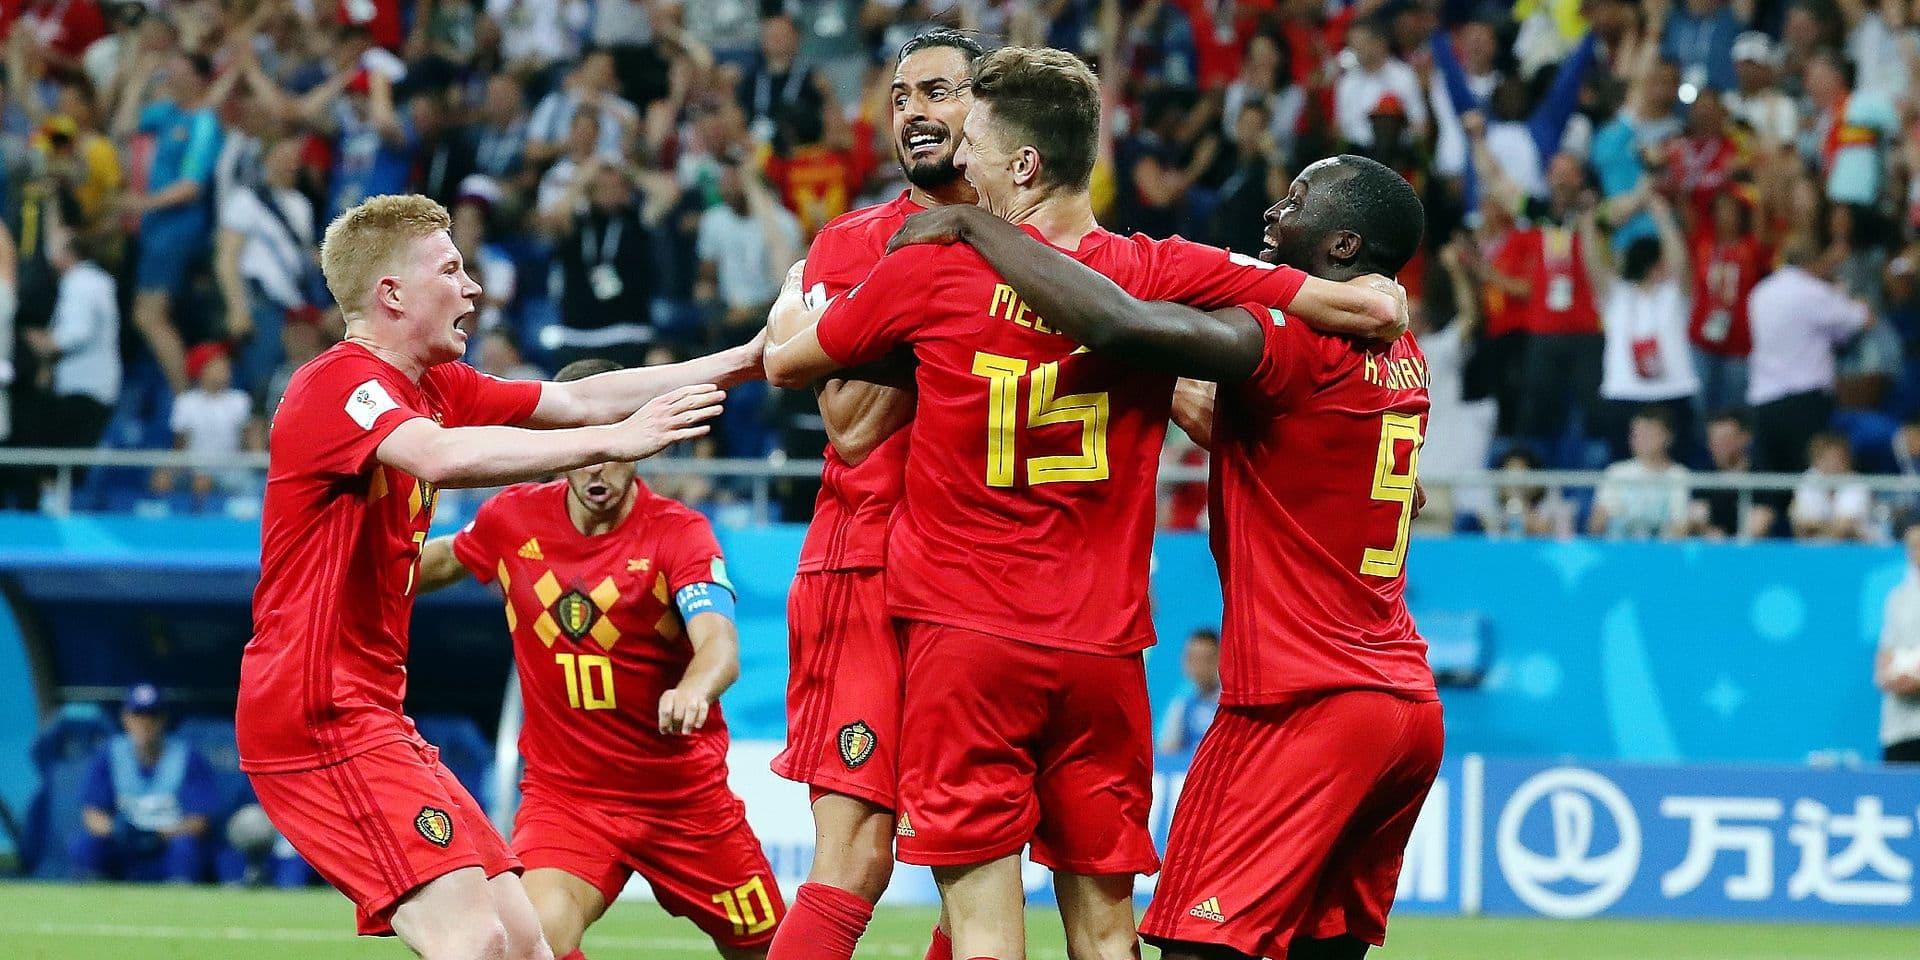 Êtes-vous incollable sur les succès du foot belge en été? (QUIZ)